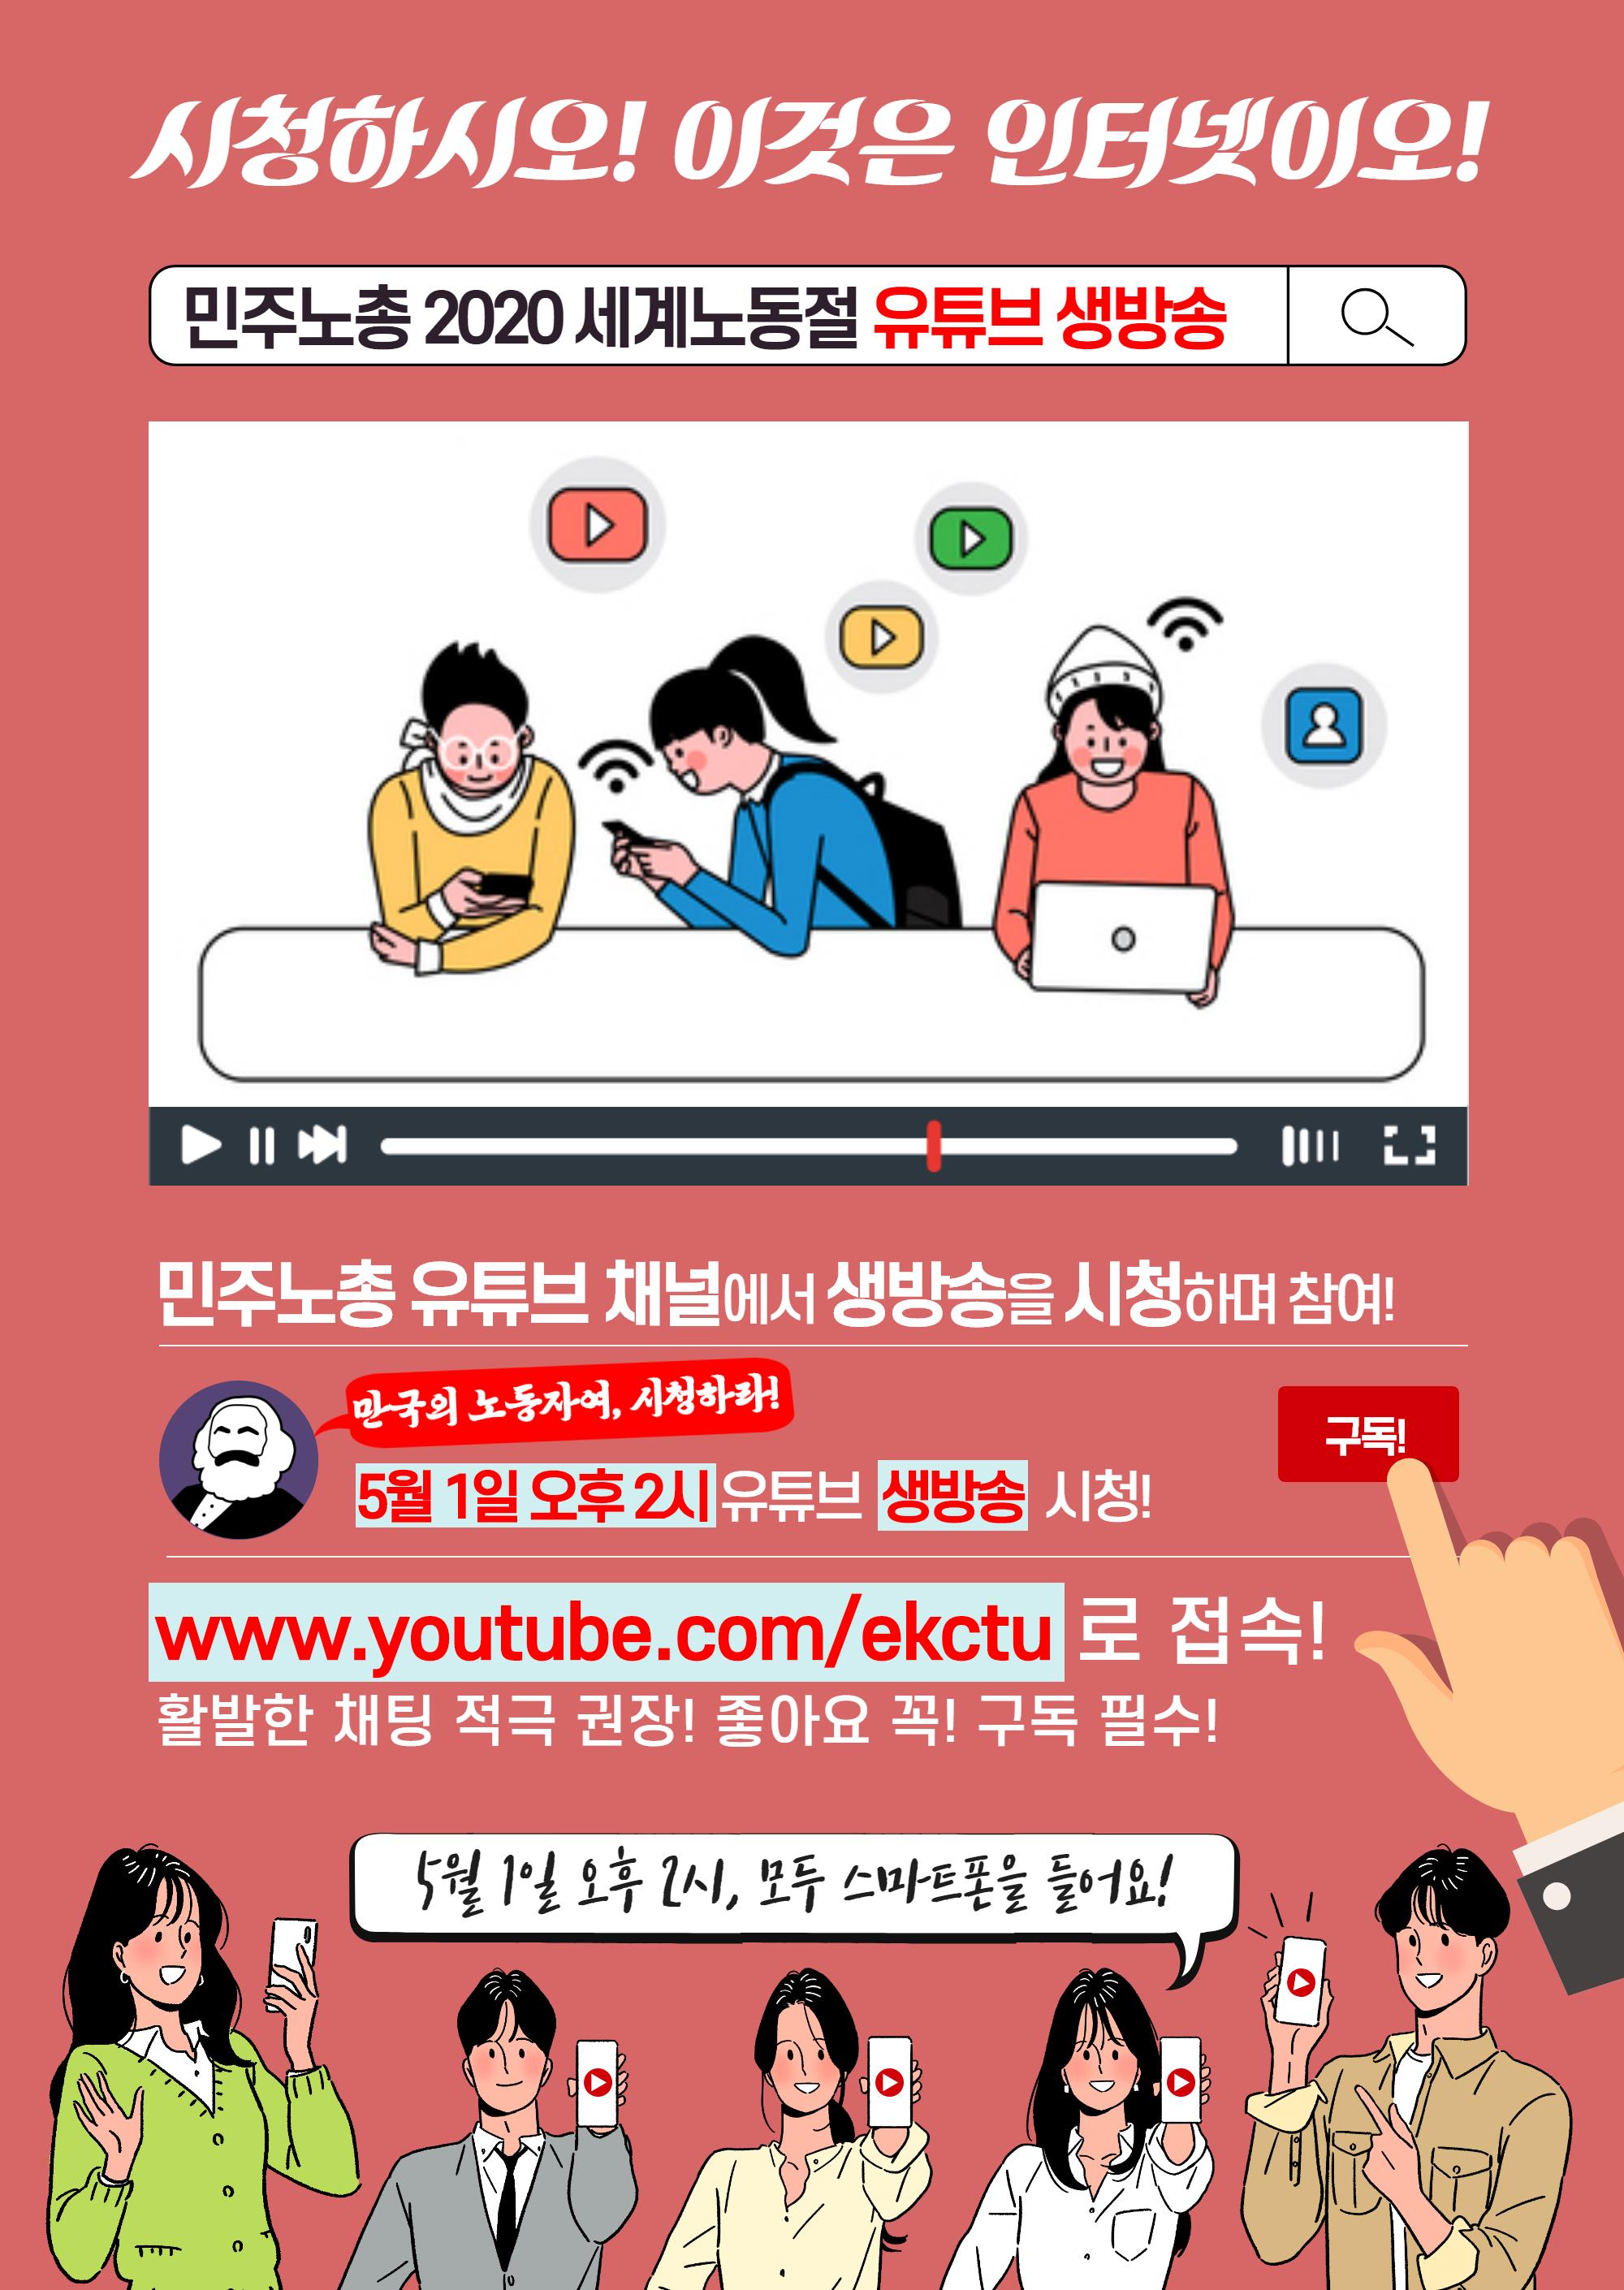 2020 세계노동절 유튜브 생방송 시청.png